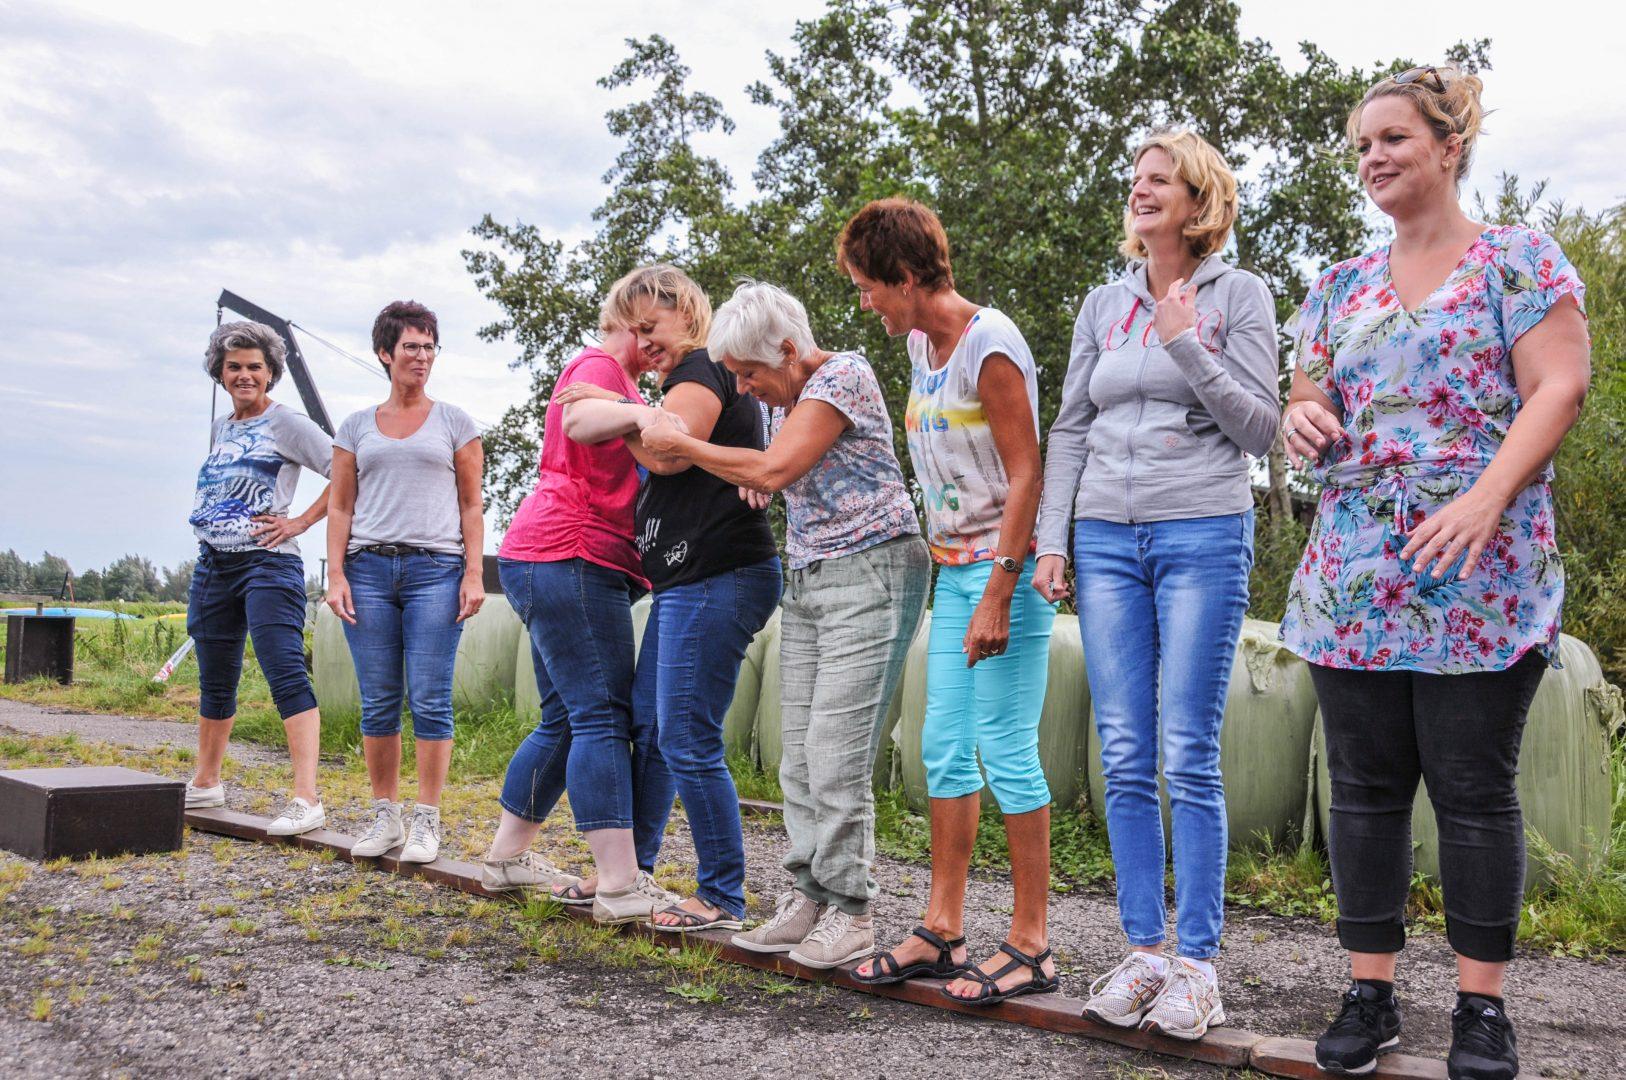 Vrijgezellenfeest organiseren bij Boerderij de Boerinn